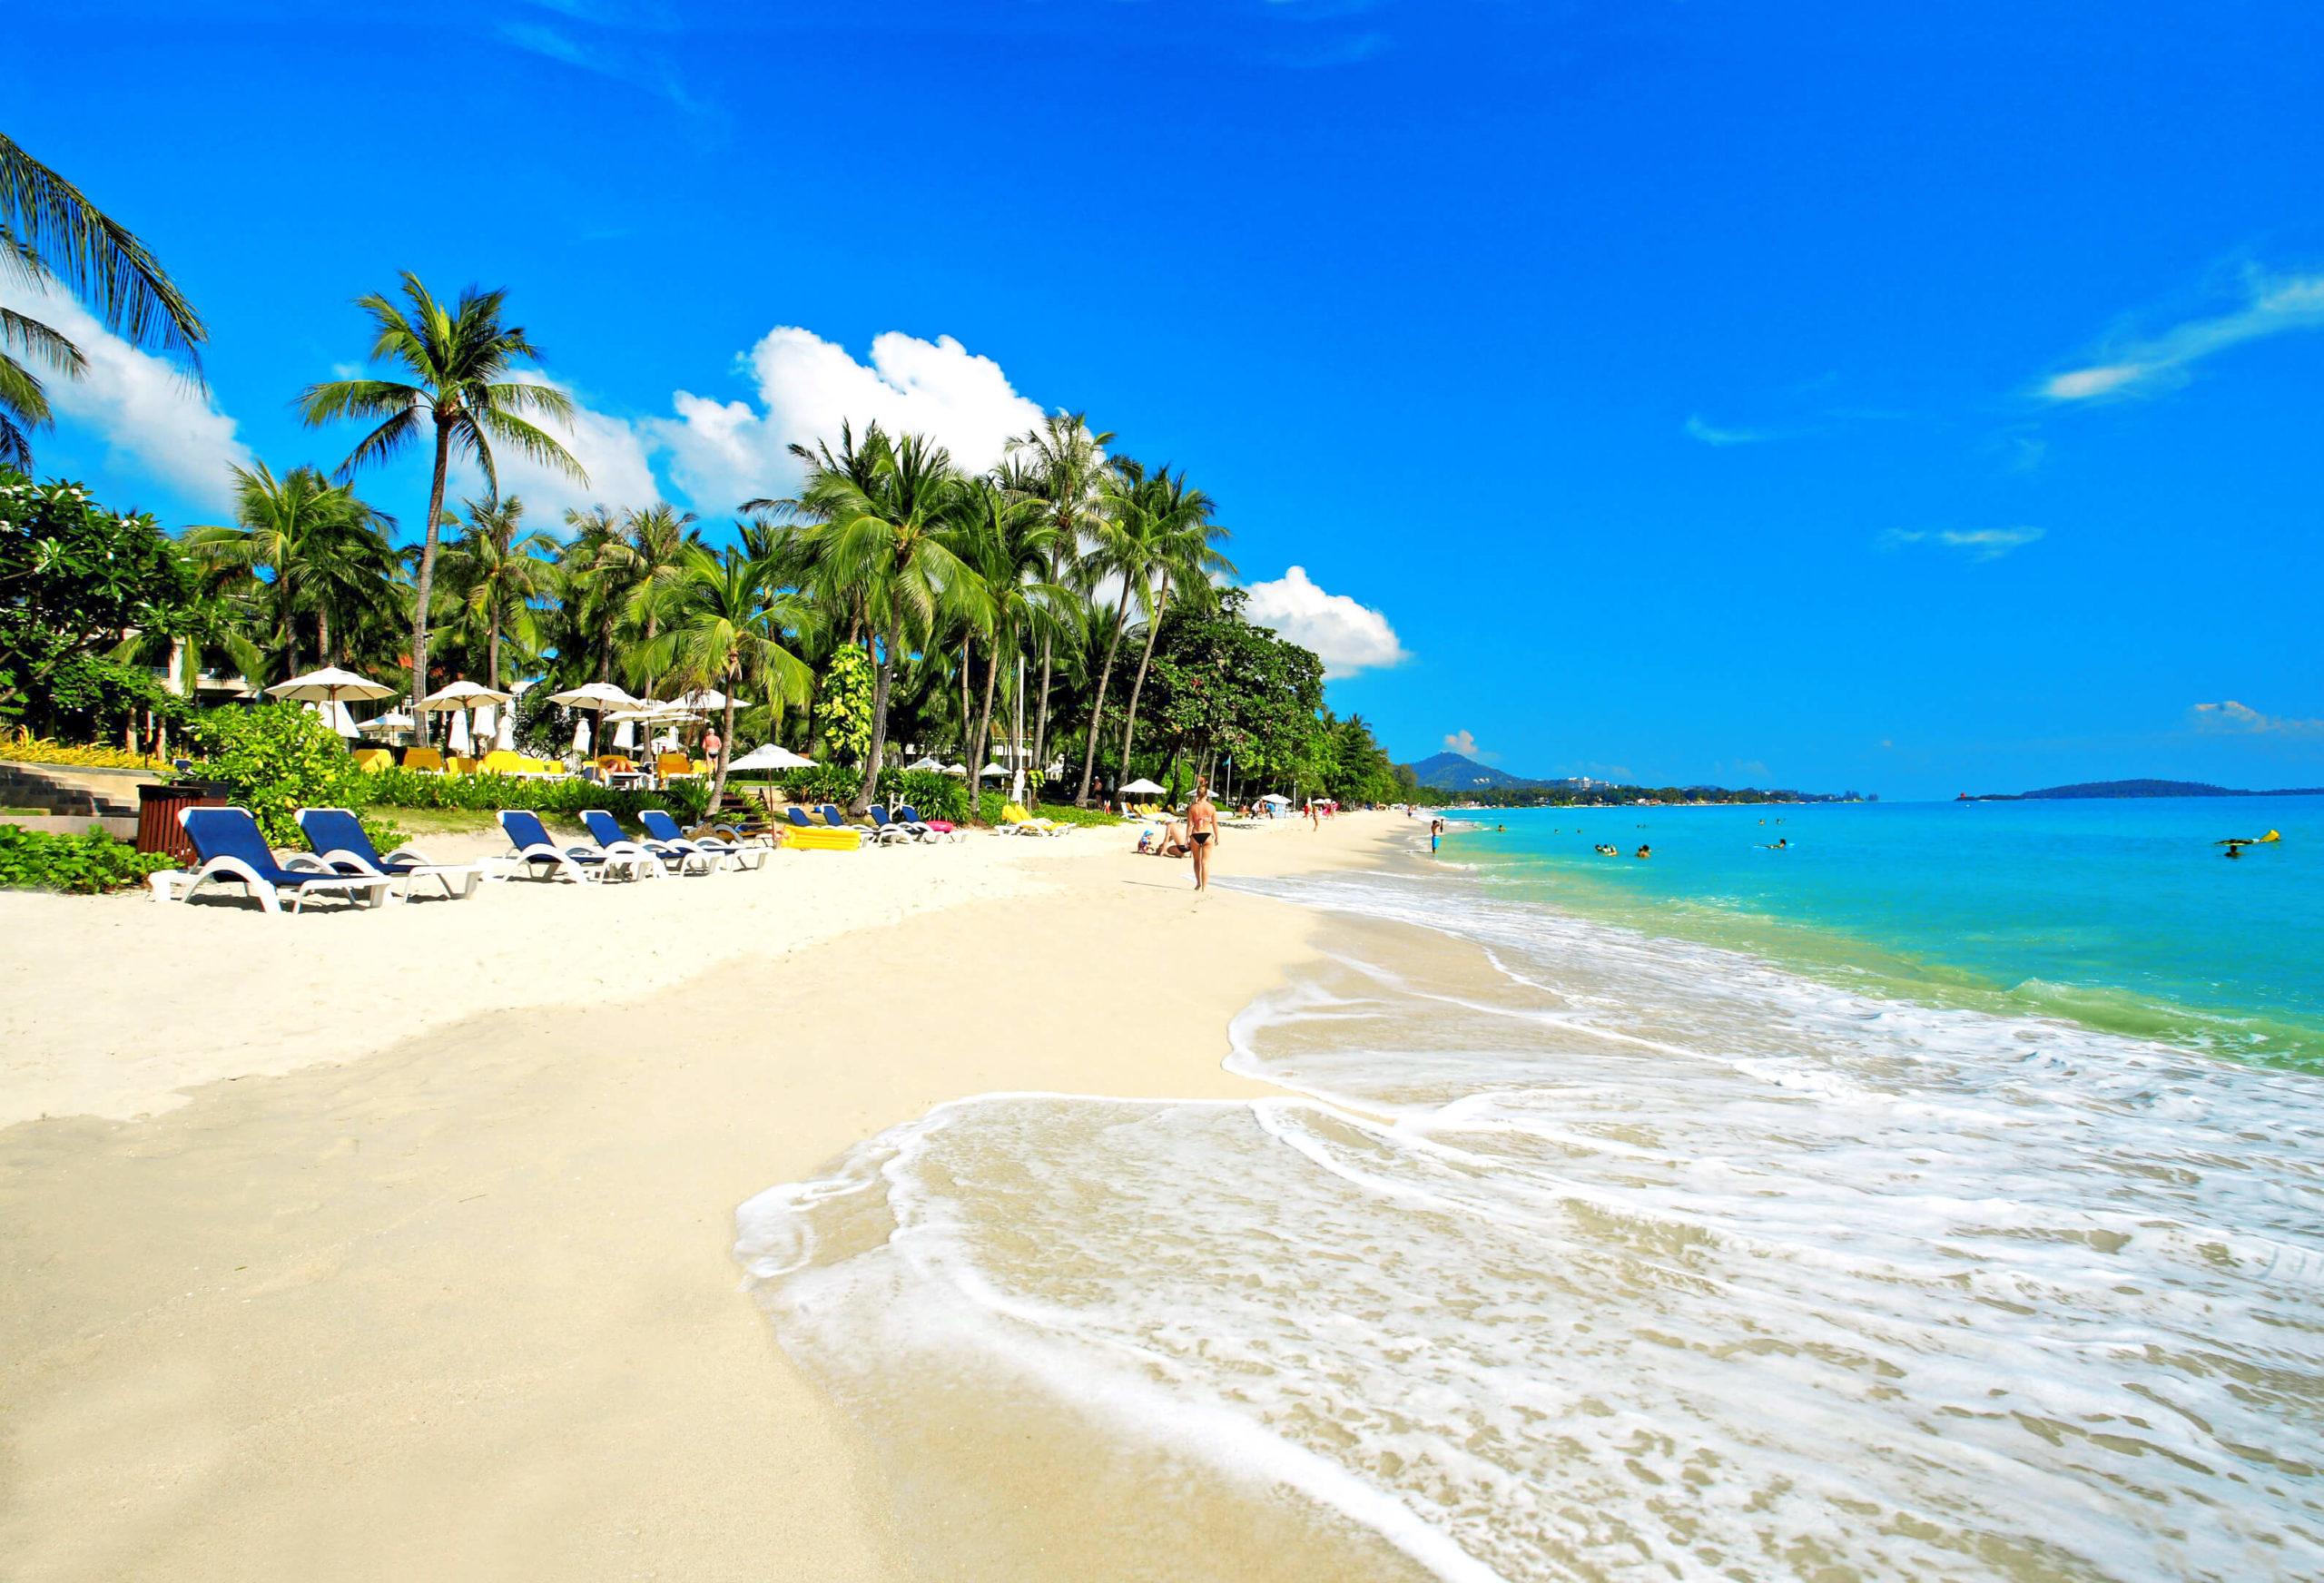 она сама таиланд фотографии пляжей необходимо использовать регулярно